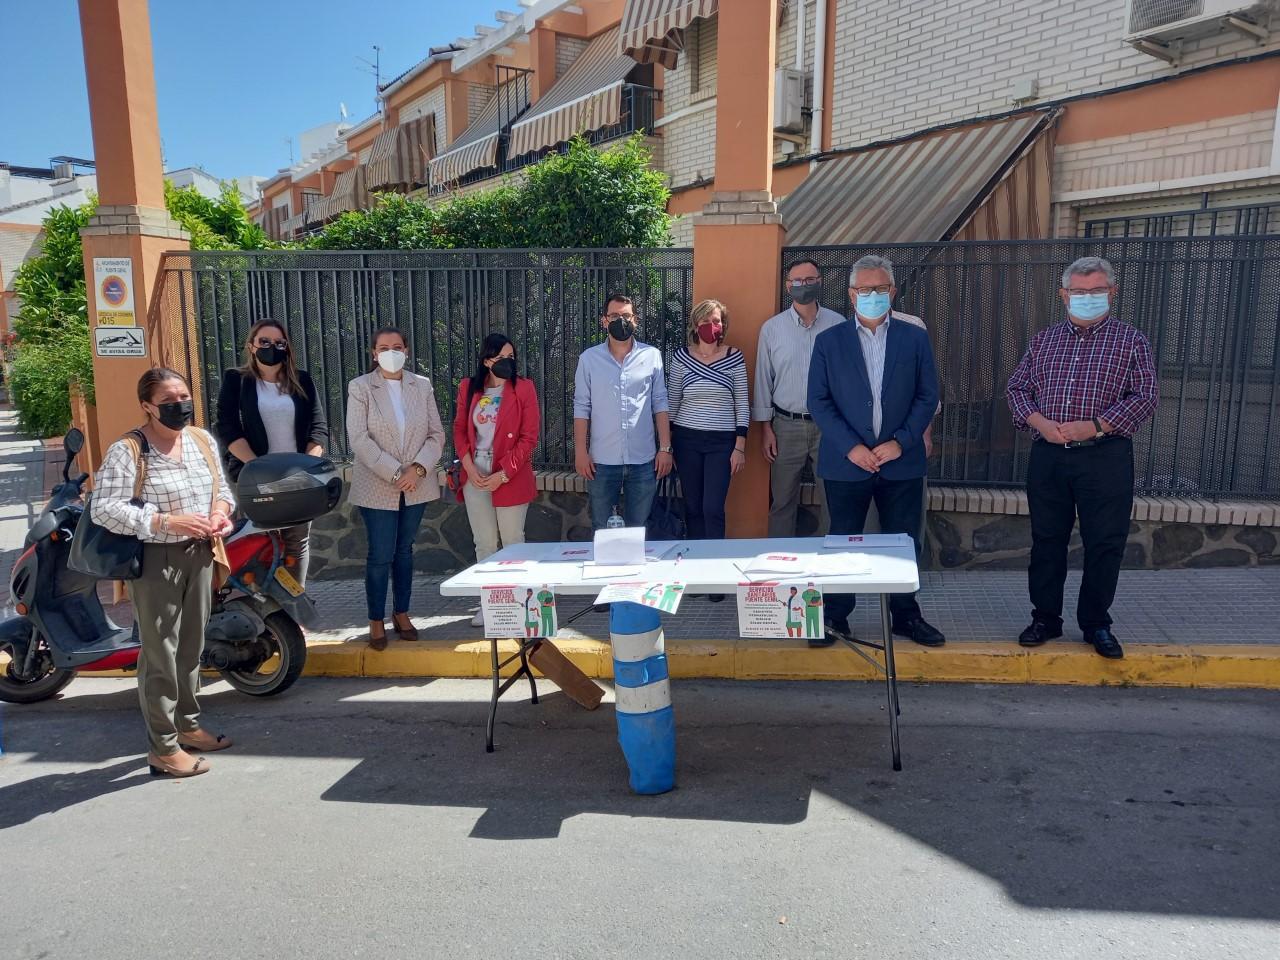 Esteban Morales acusa a la Junta de recortar servicios sanitarios en Puente Genil